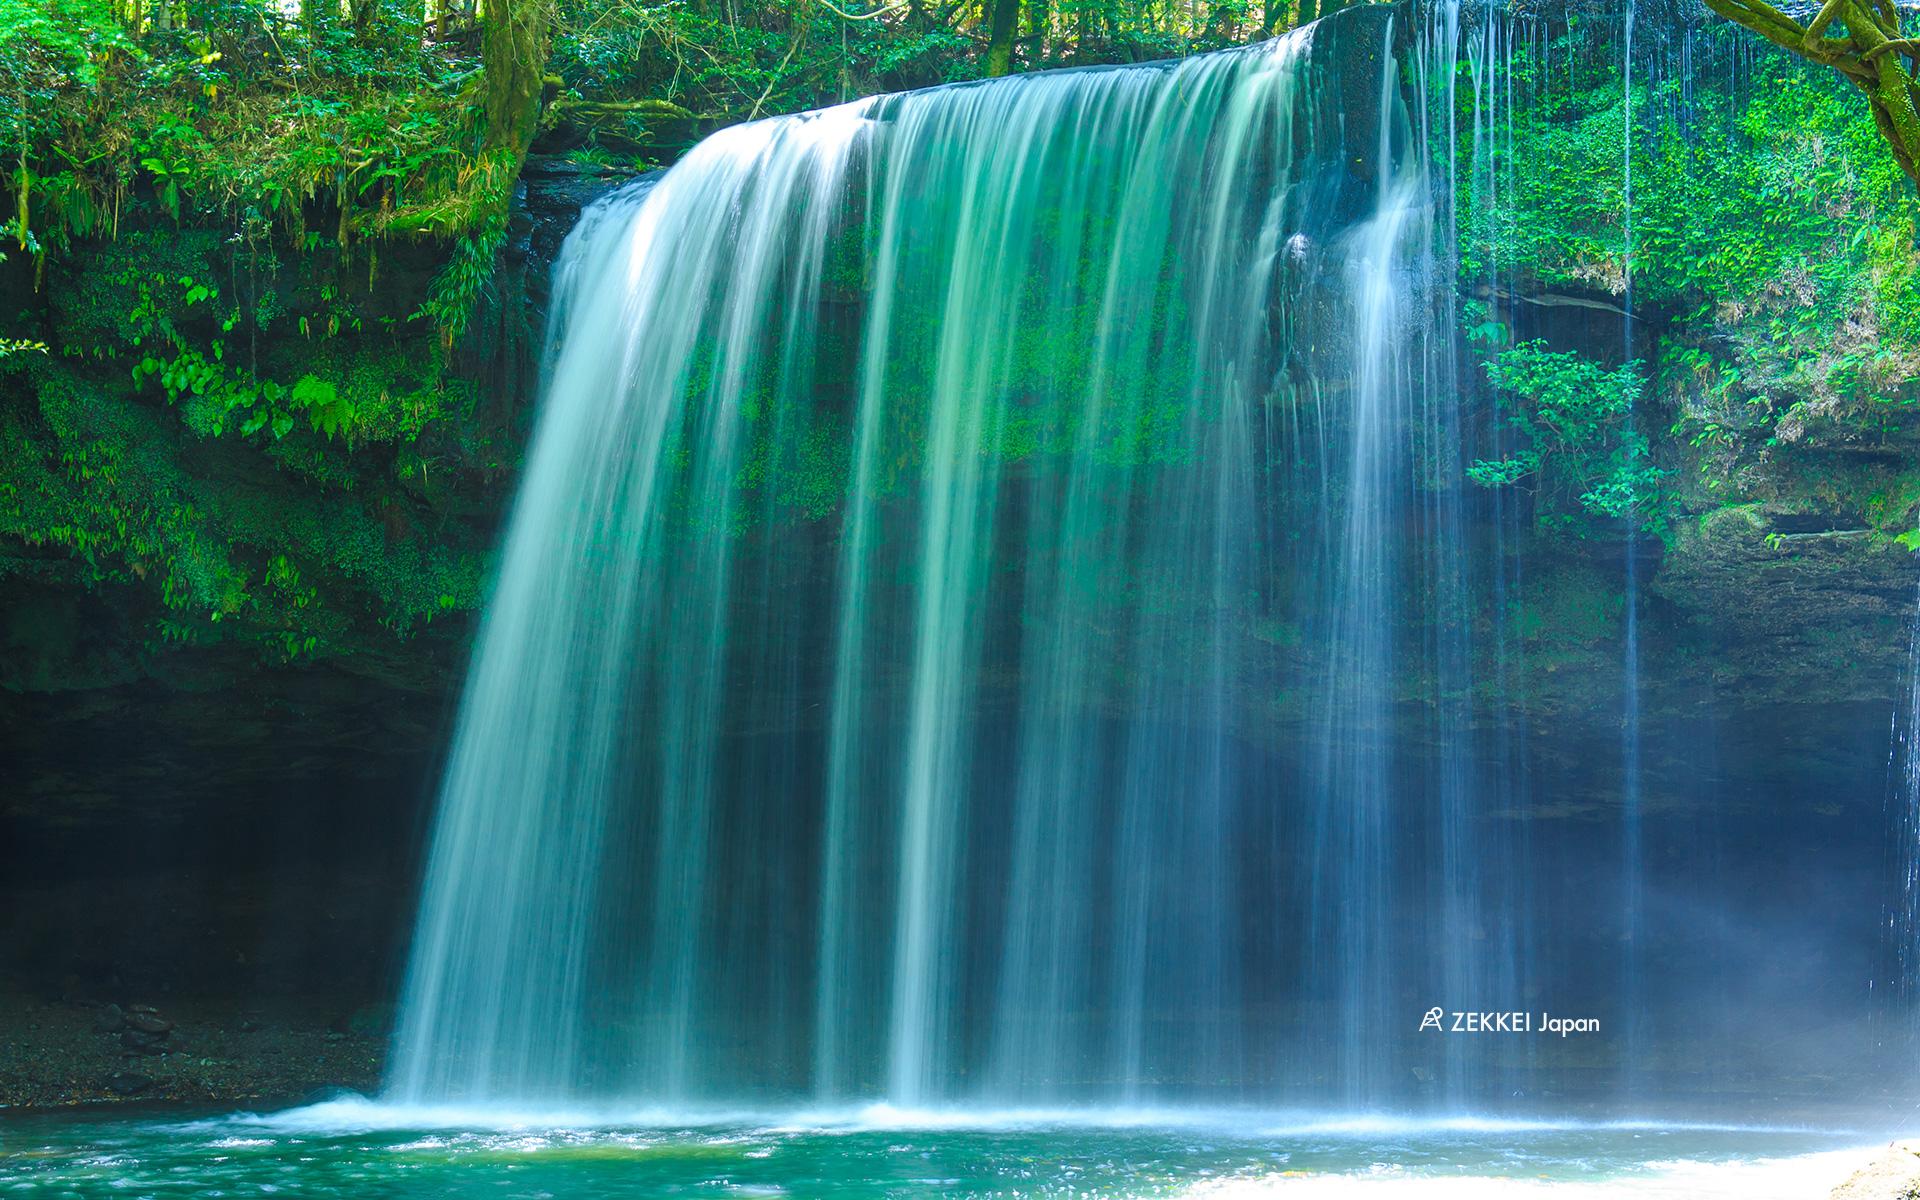 絶景壁紙 マイナスイオンたっぷり 滝の絶景をあなたの待ち受けに Zekkei Japan